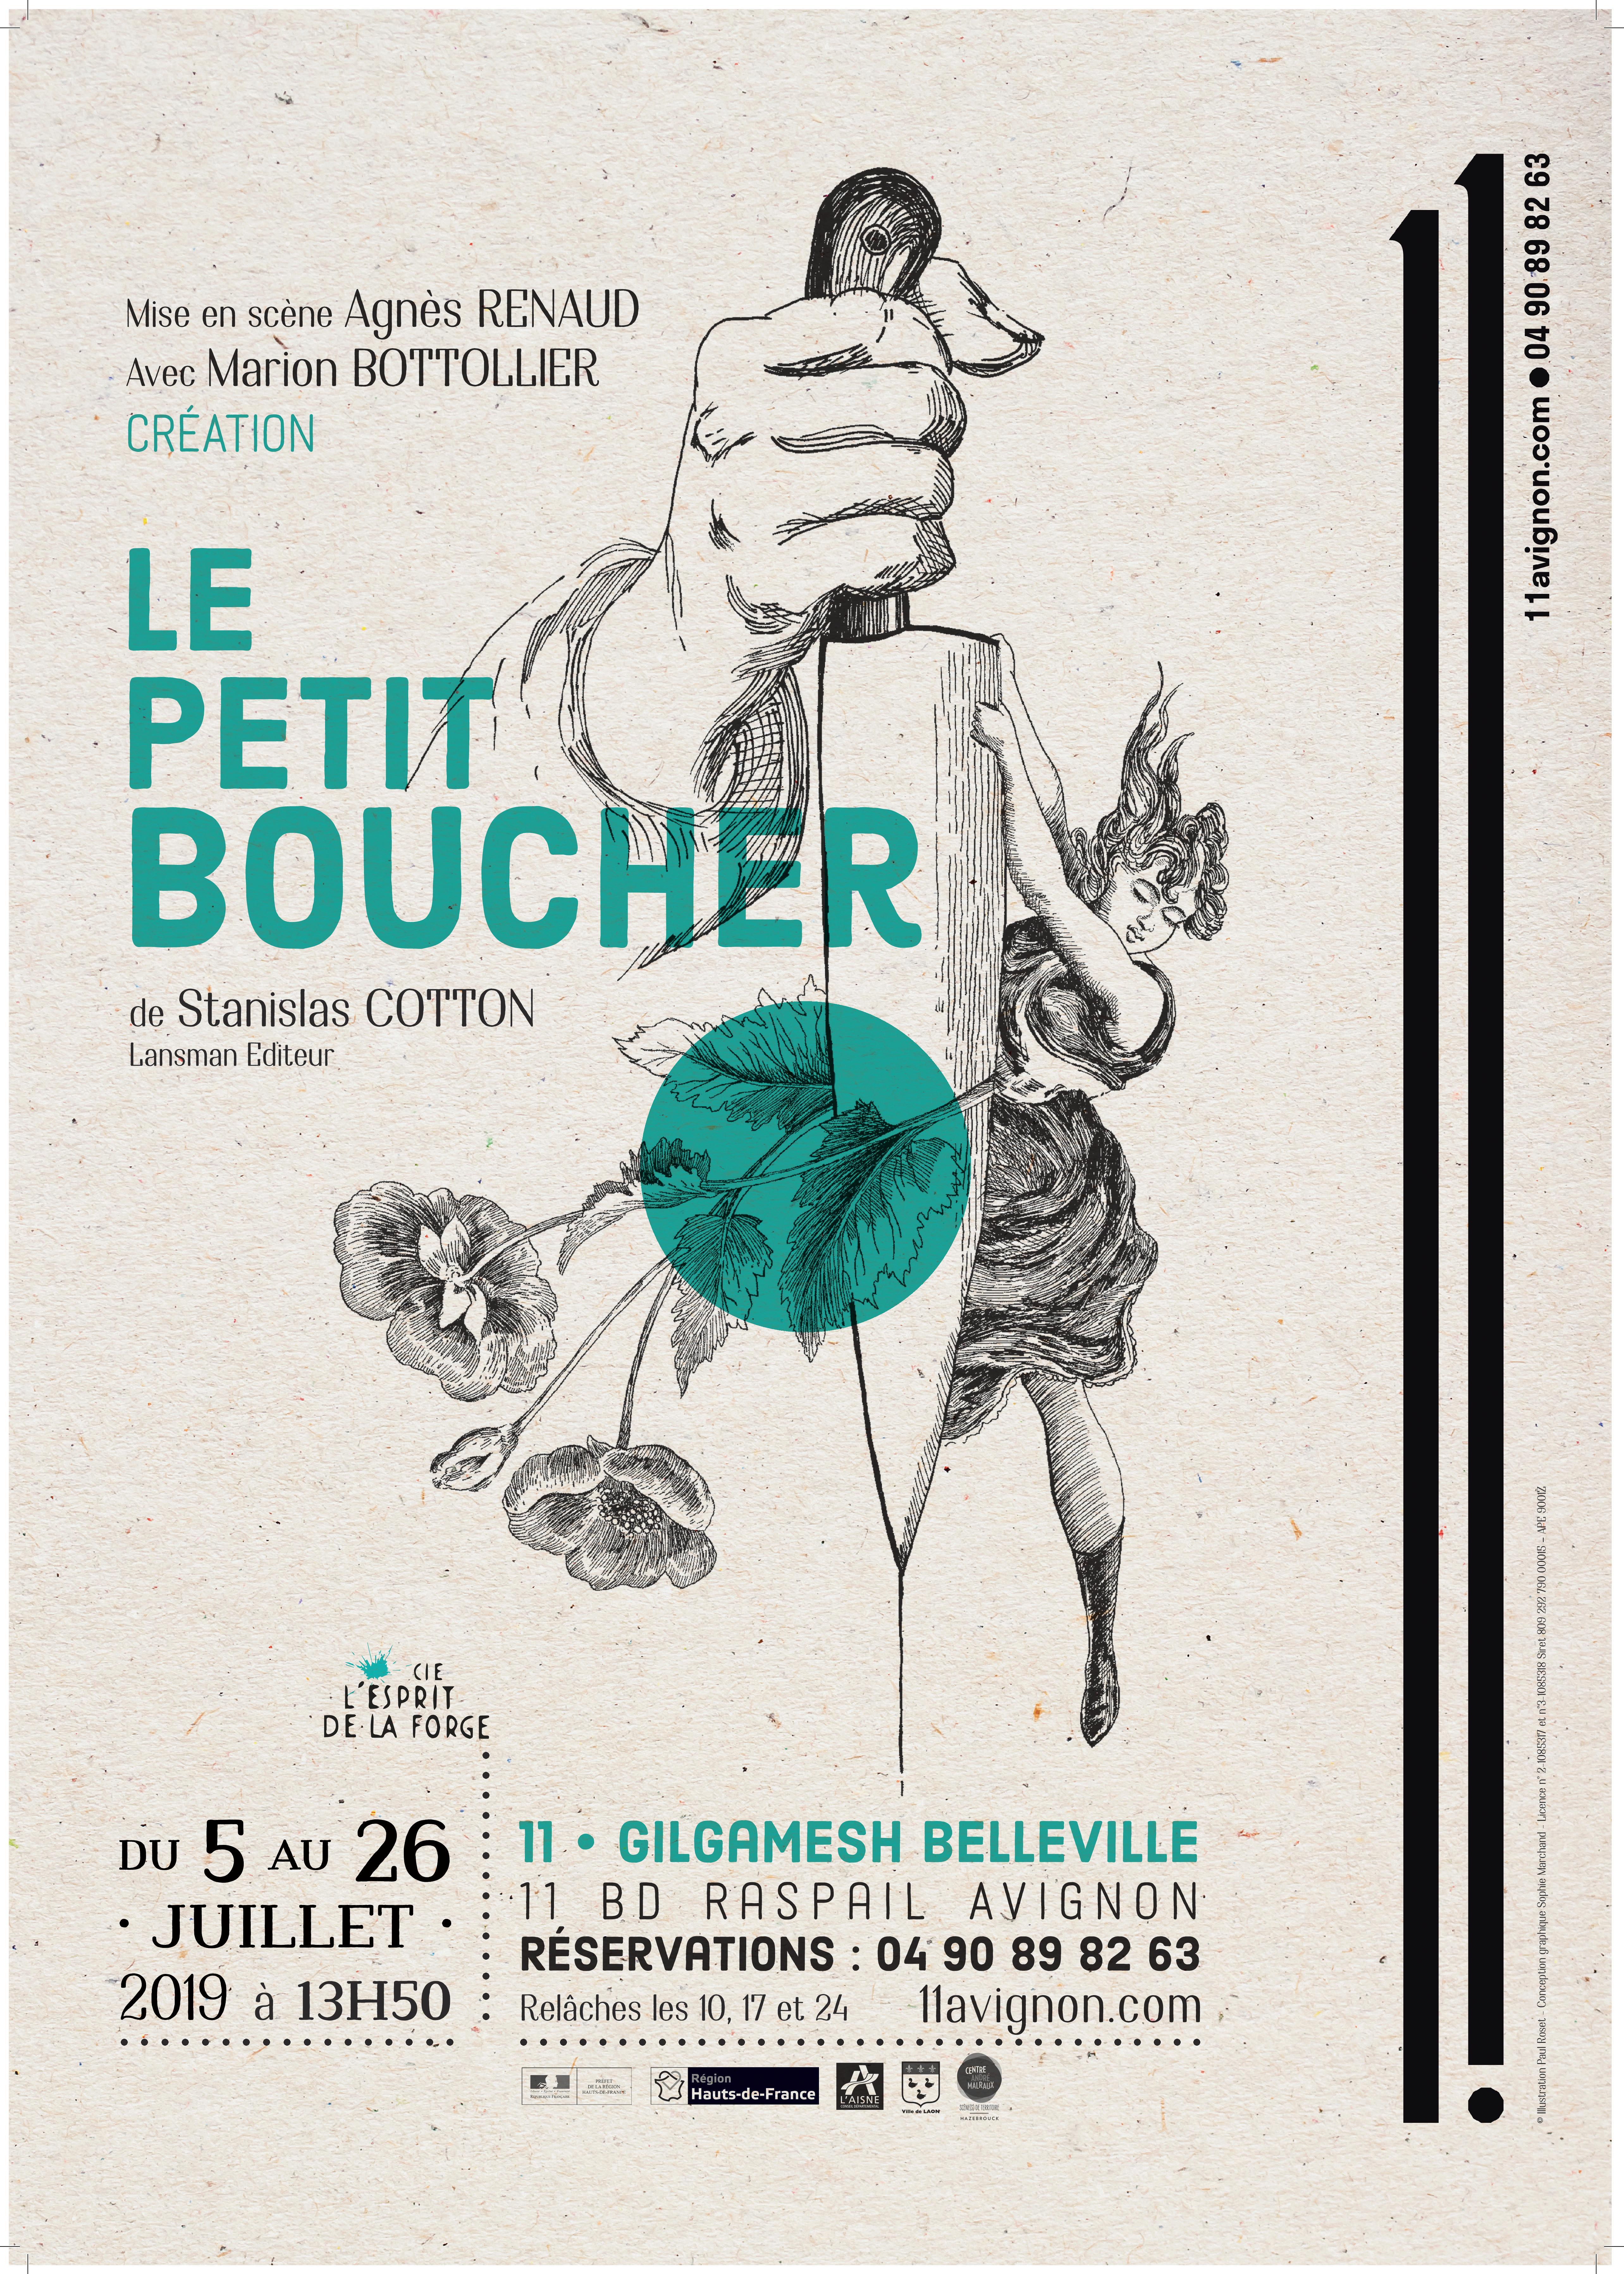 LE PETIT BOUCHER